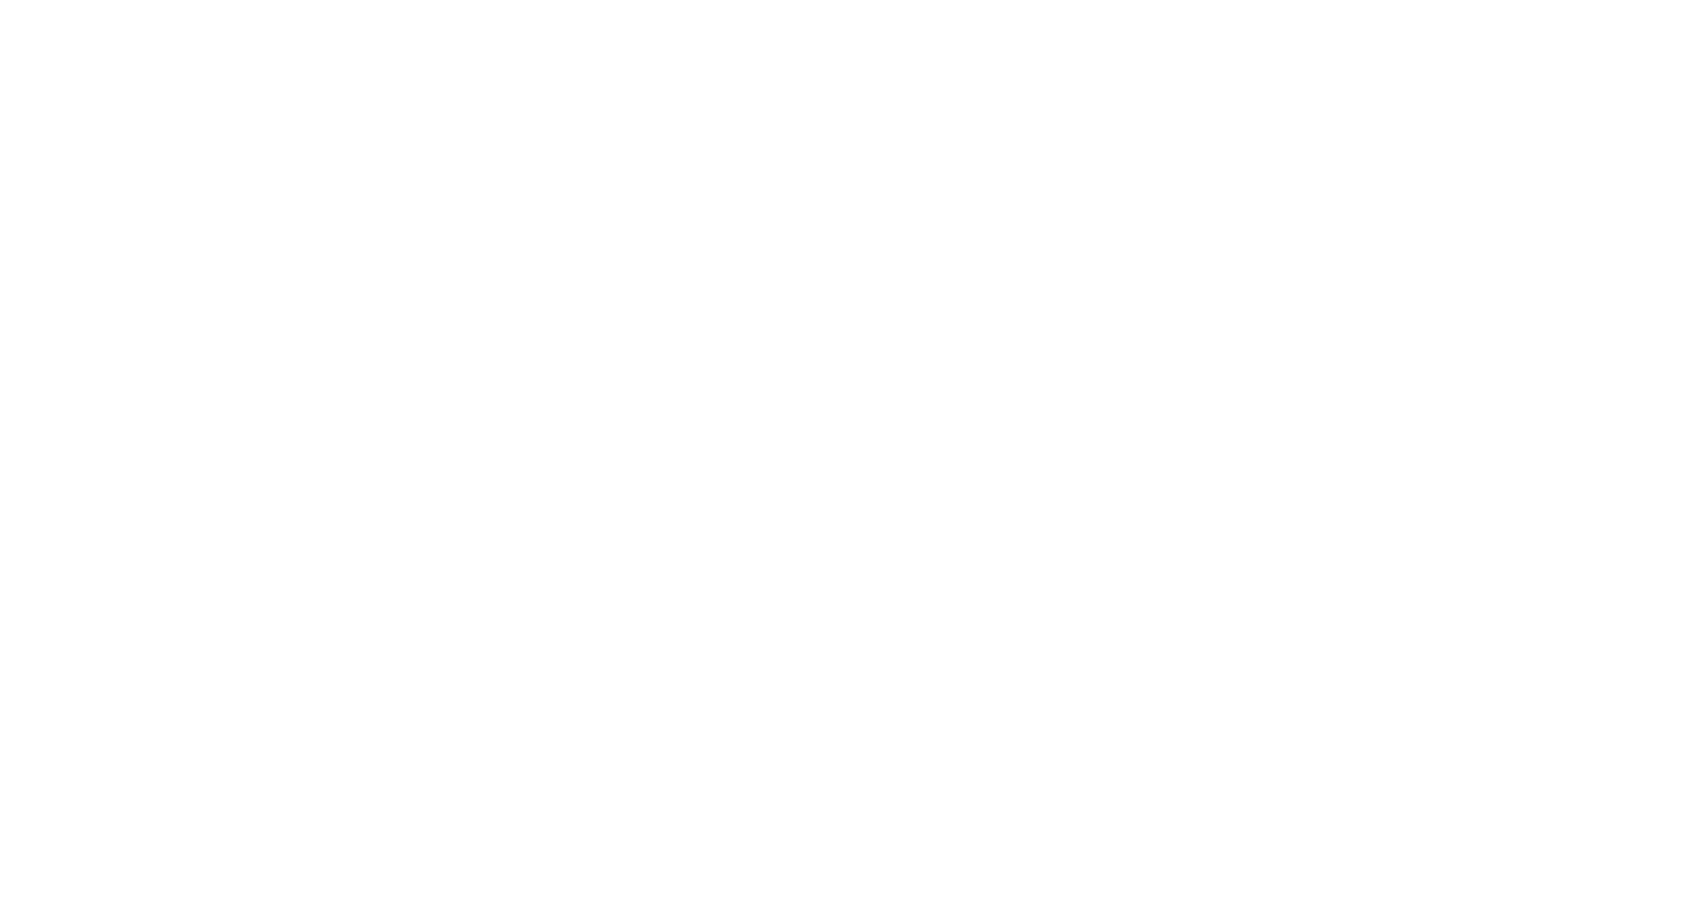 ezwheel partenaires aquitaine robotics